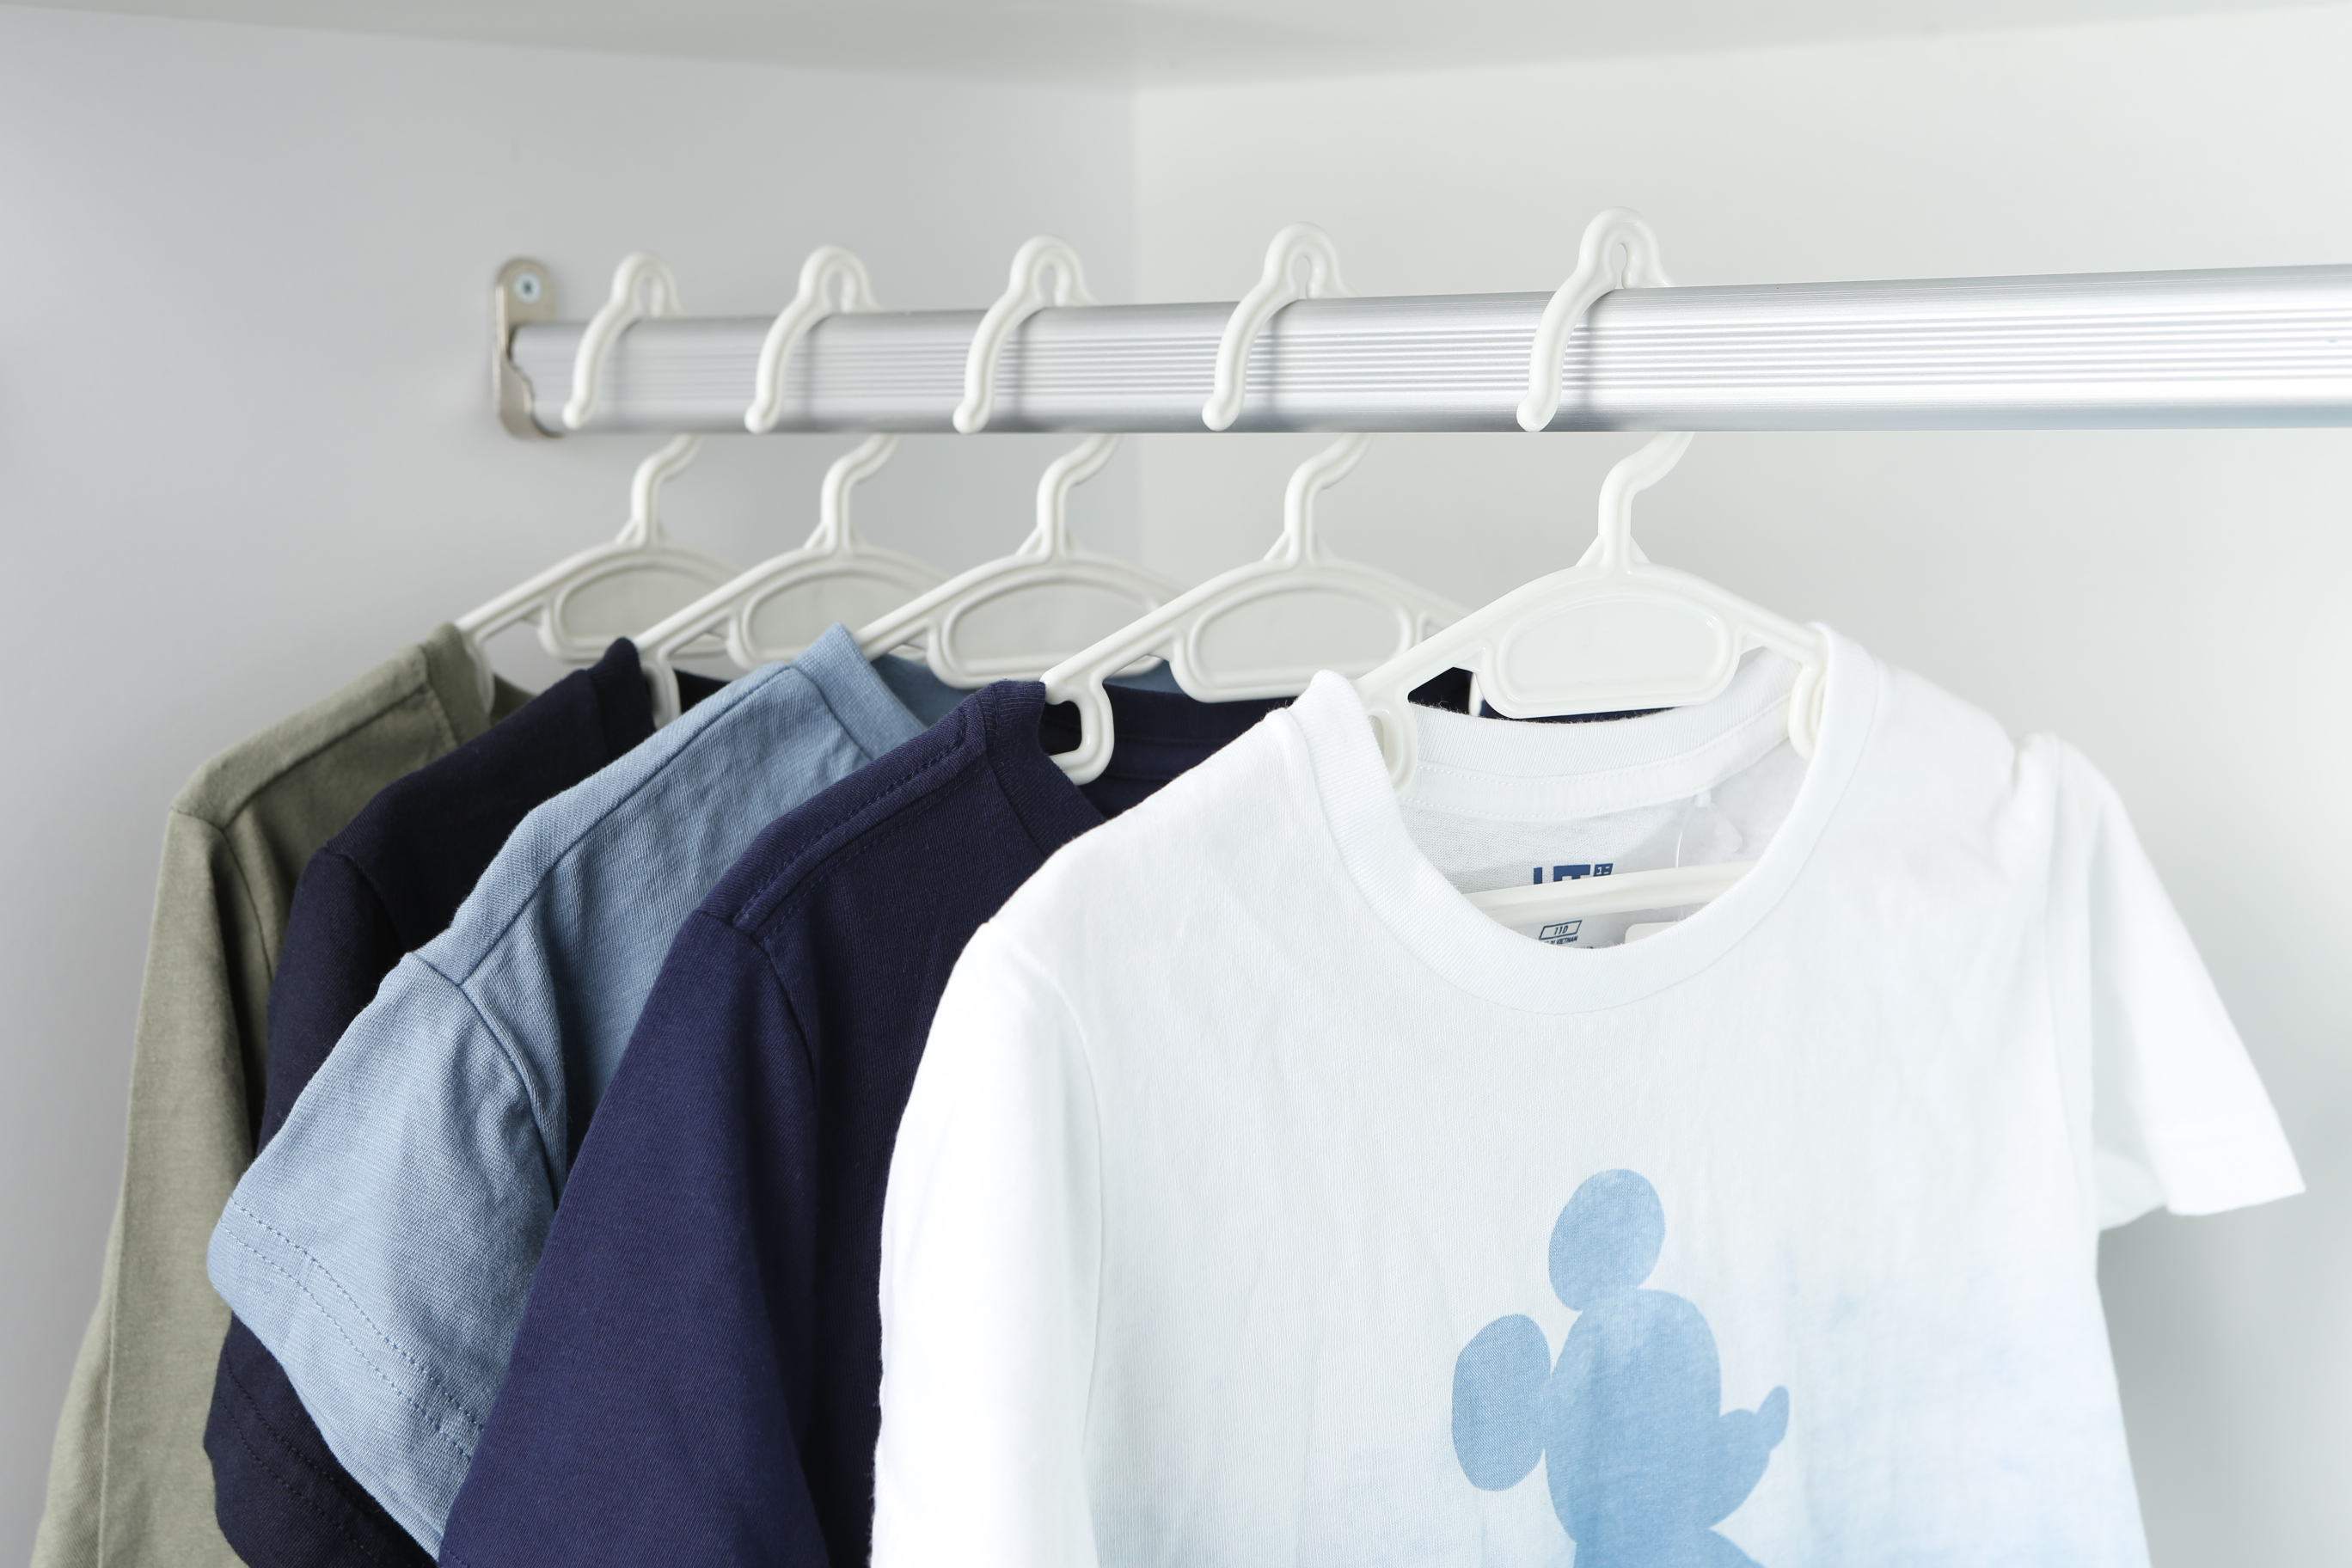 Set 10 chiếc móc áo đầm Hara 182 hàng cao cấp - giao màu ngẫu nhiên